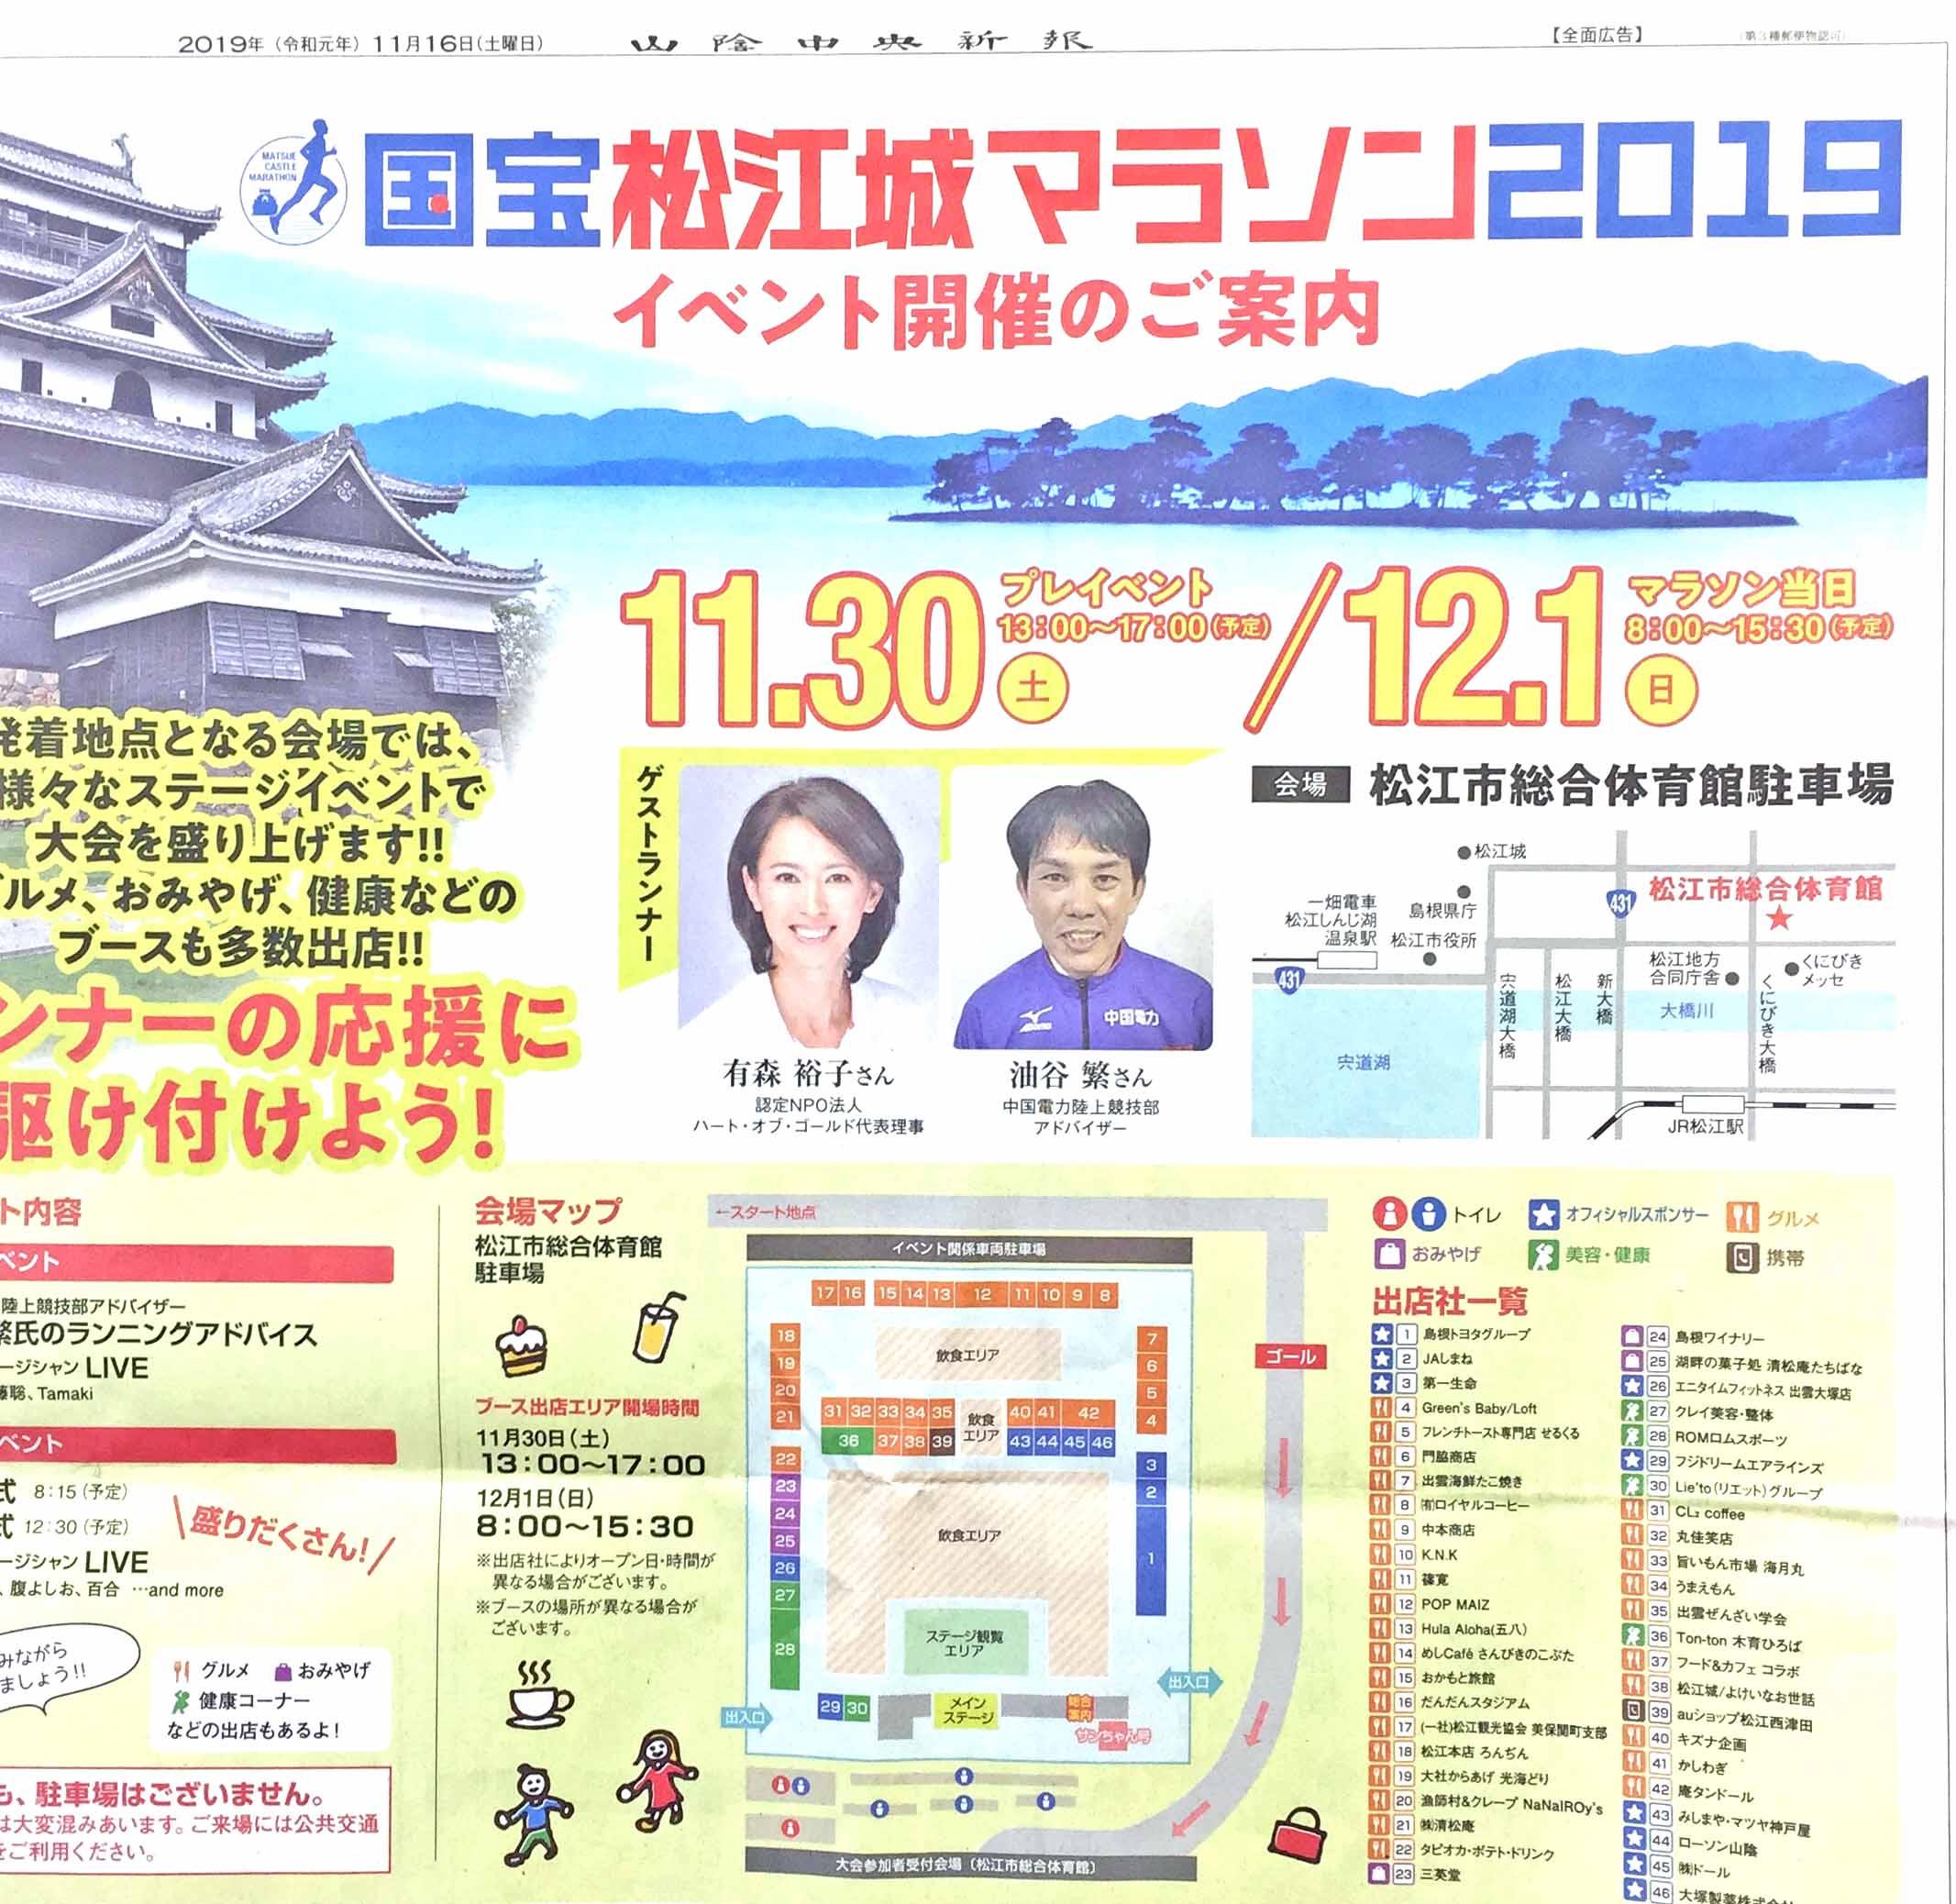 松江城マラソン 2019 イベント フレンチトースト せるくる